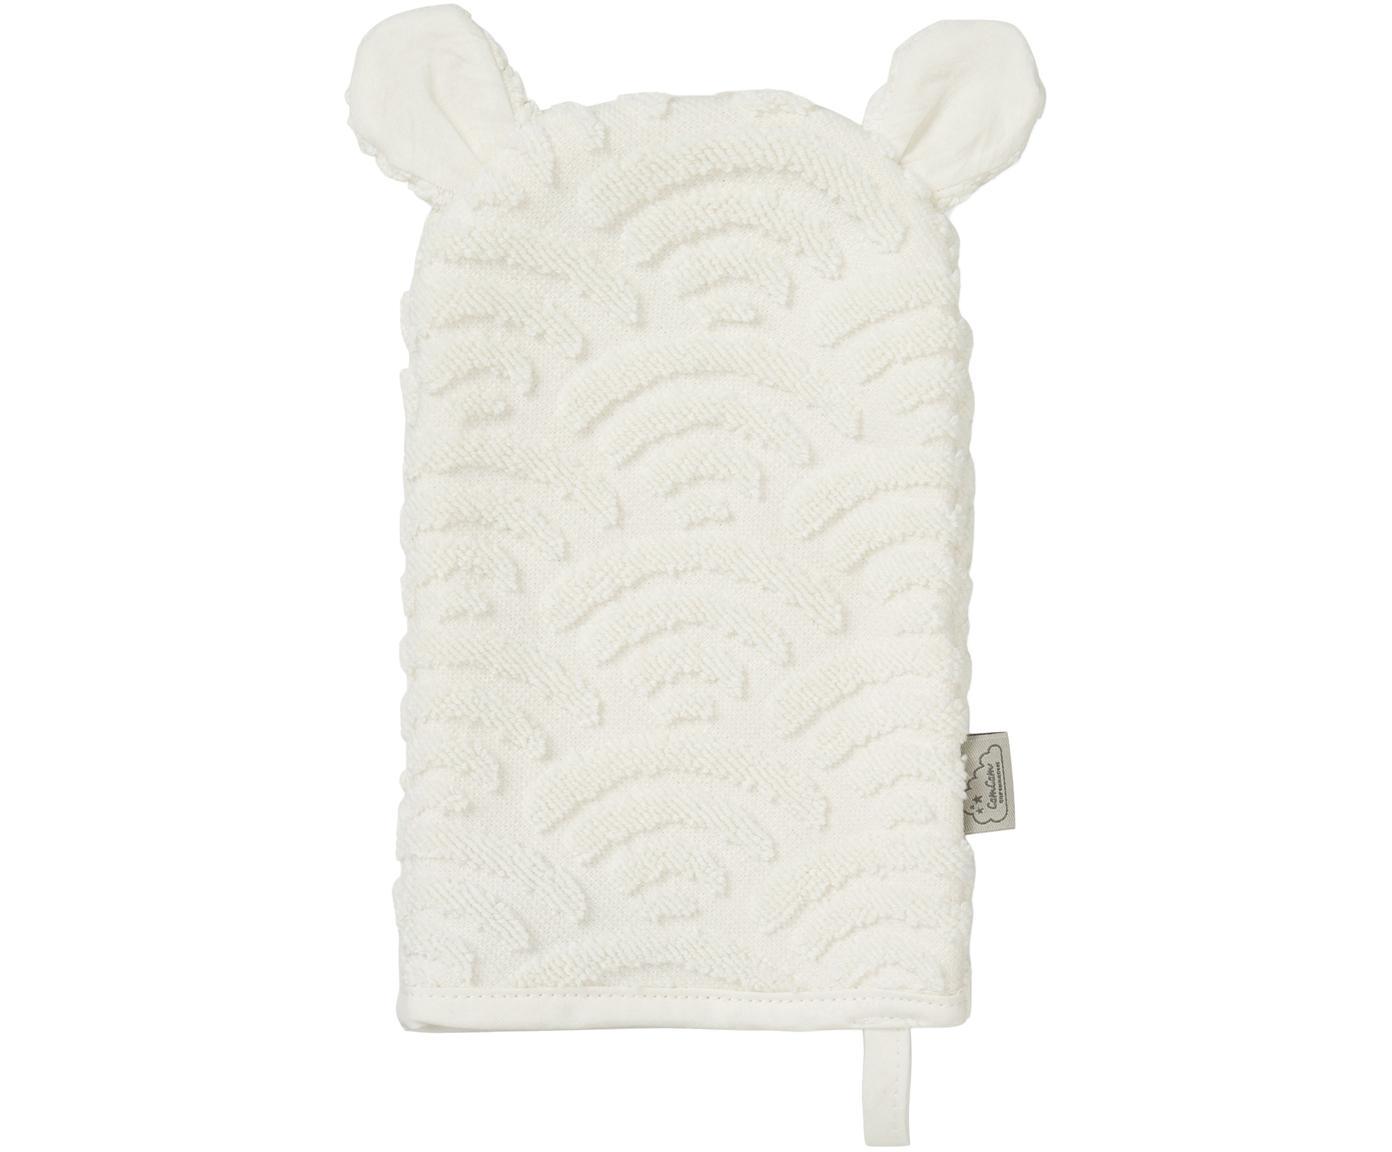 Waschlappen Wave aus Bio-Baumwolle, Bio-Baumwolle, GOTS-zertifiziert, Gebrochenes Weiß, 15 x 22 cm